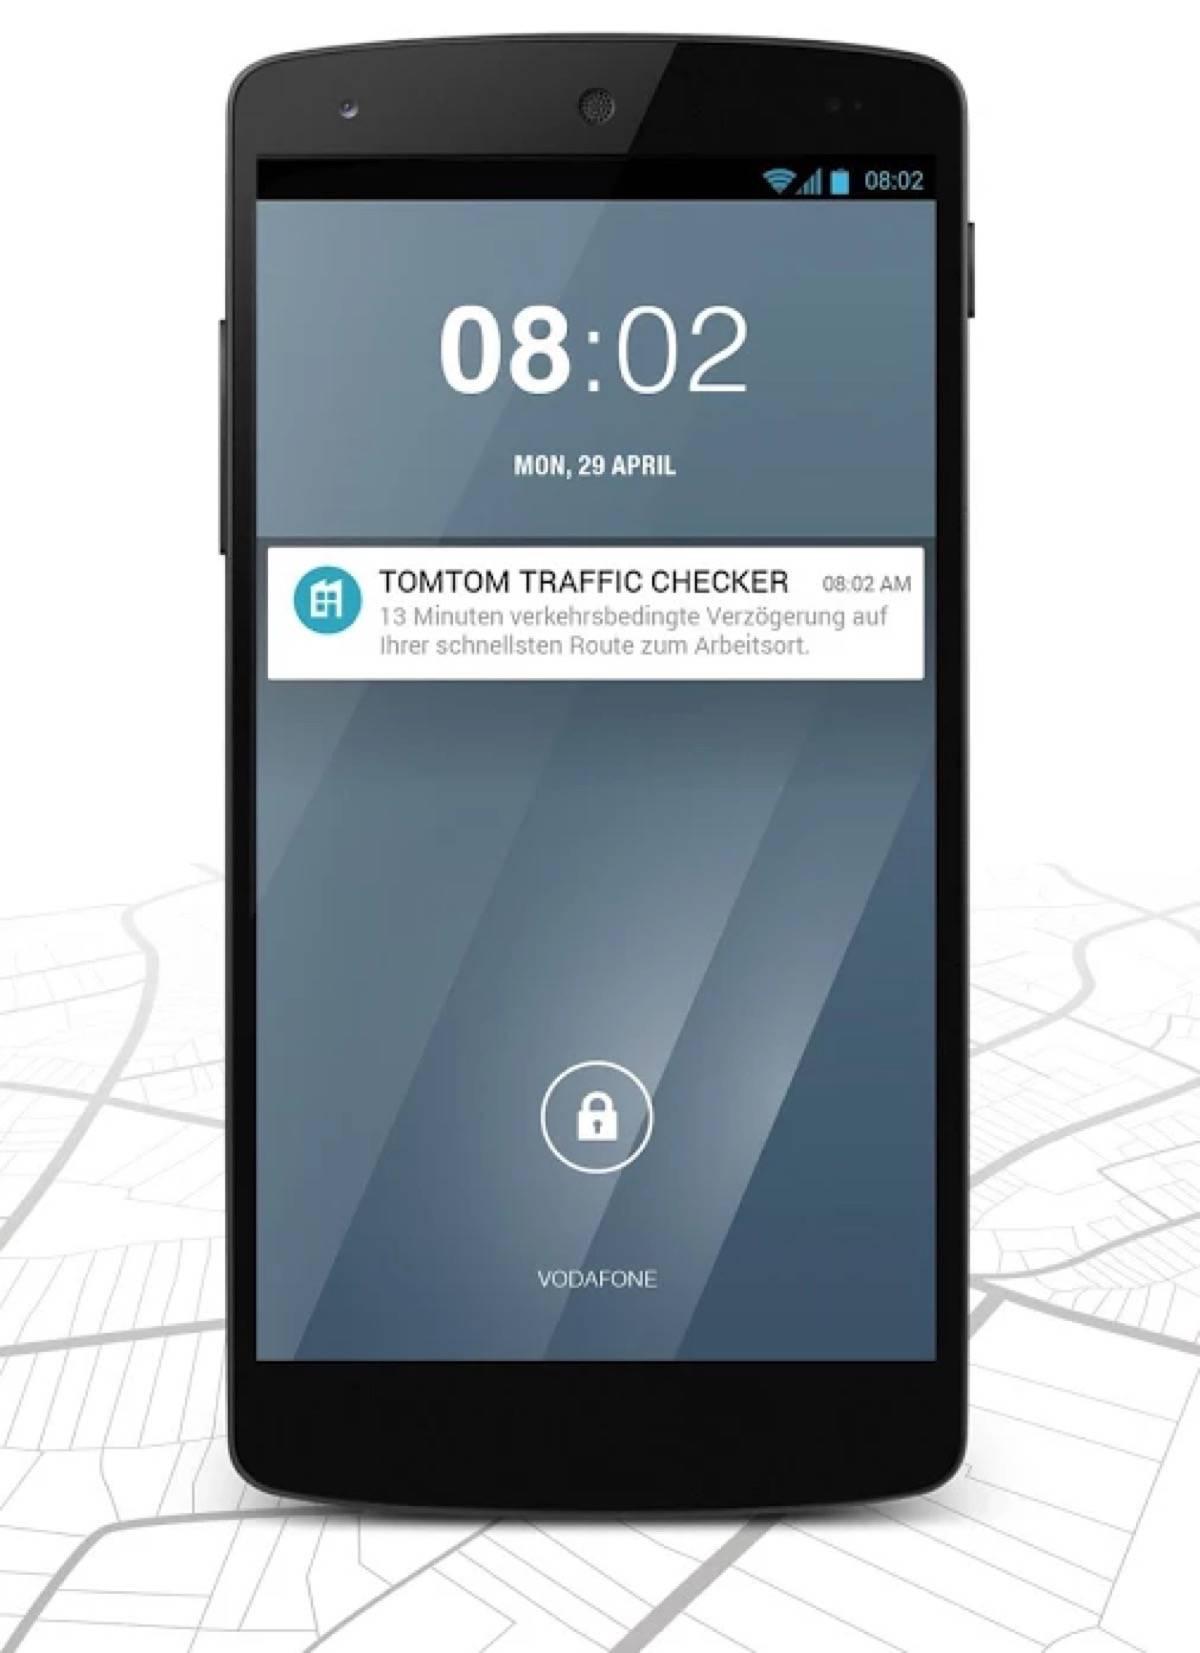 TomTom lanciert einen Traffic Checker für die TomTom MyDrive App